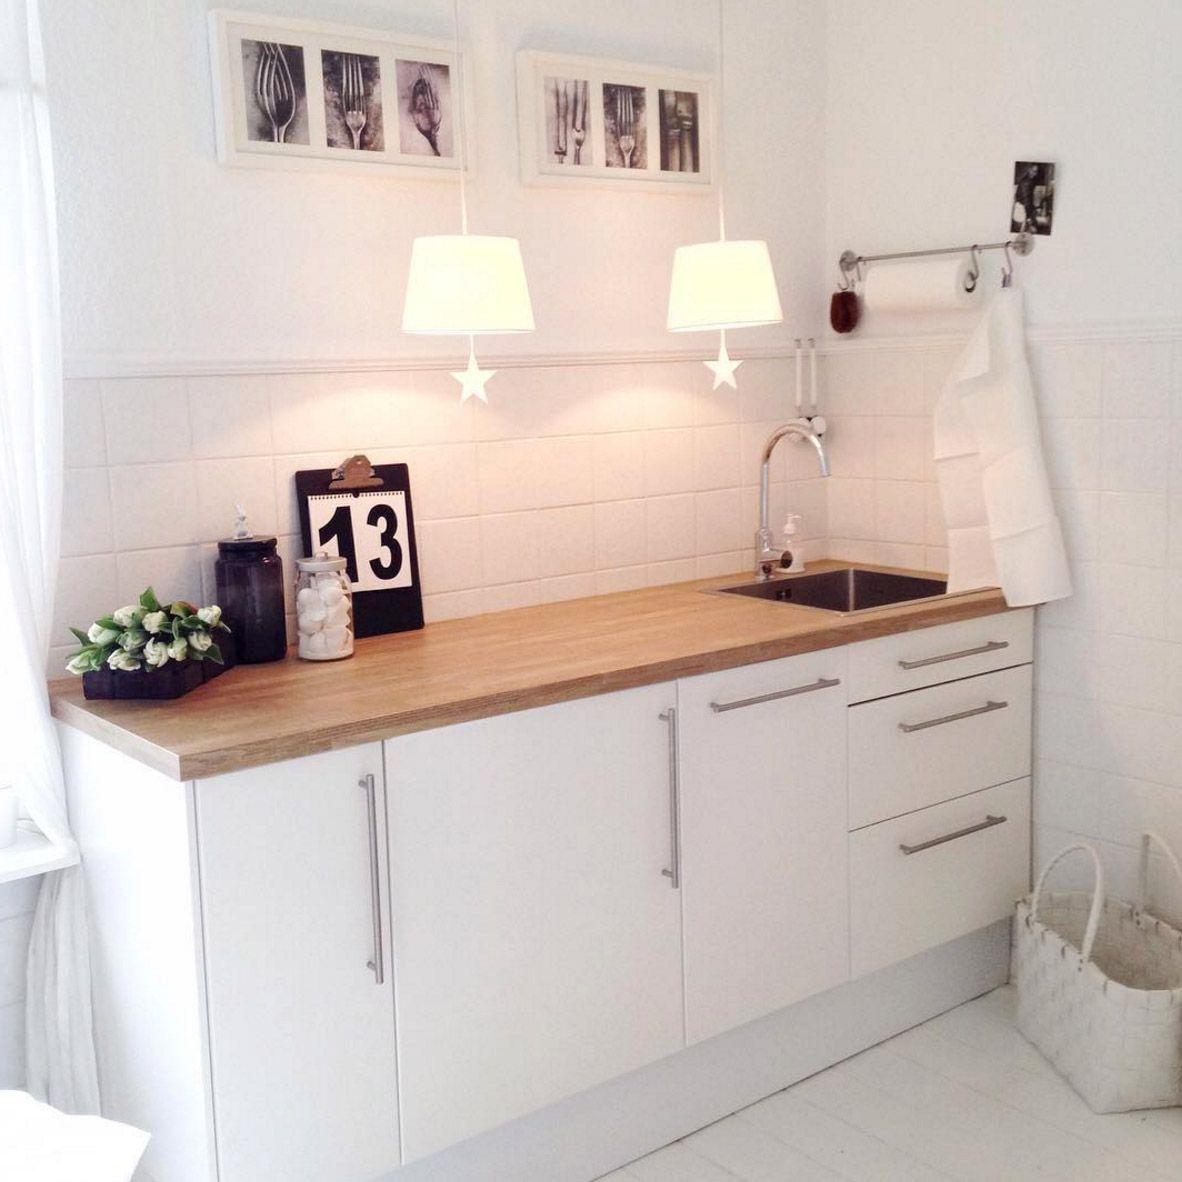 weisse kueche mit holz modern wohnideen wohnzimmer pinterest kuchen k che wei holz und. Black Bedroom Furniture Sets. Home Design Ideas